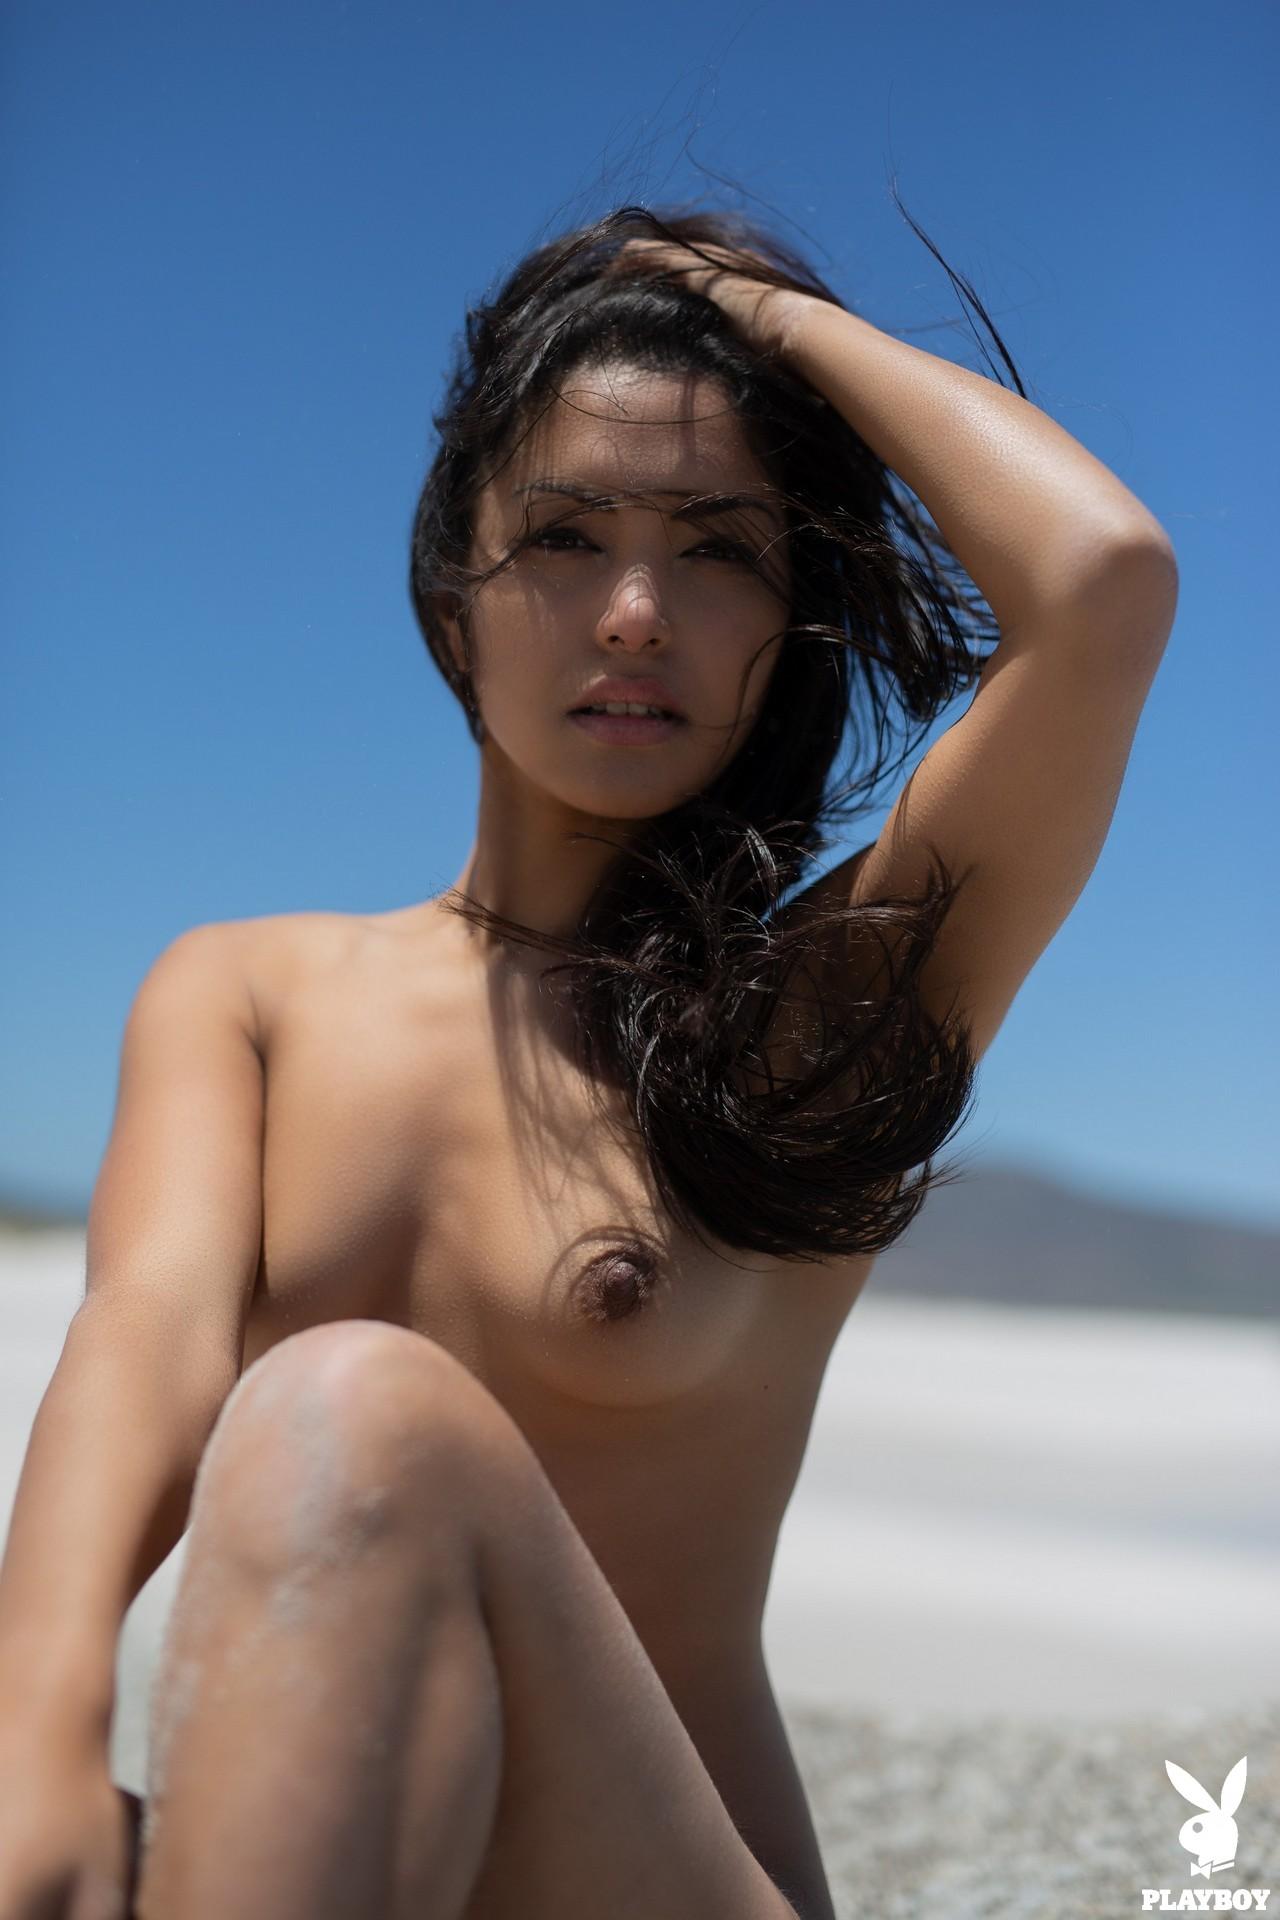 Chloe Rose in Windswept - Playboy Plus 22